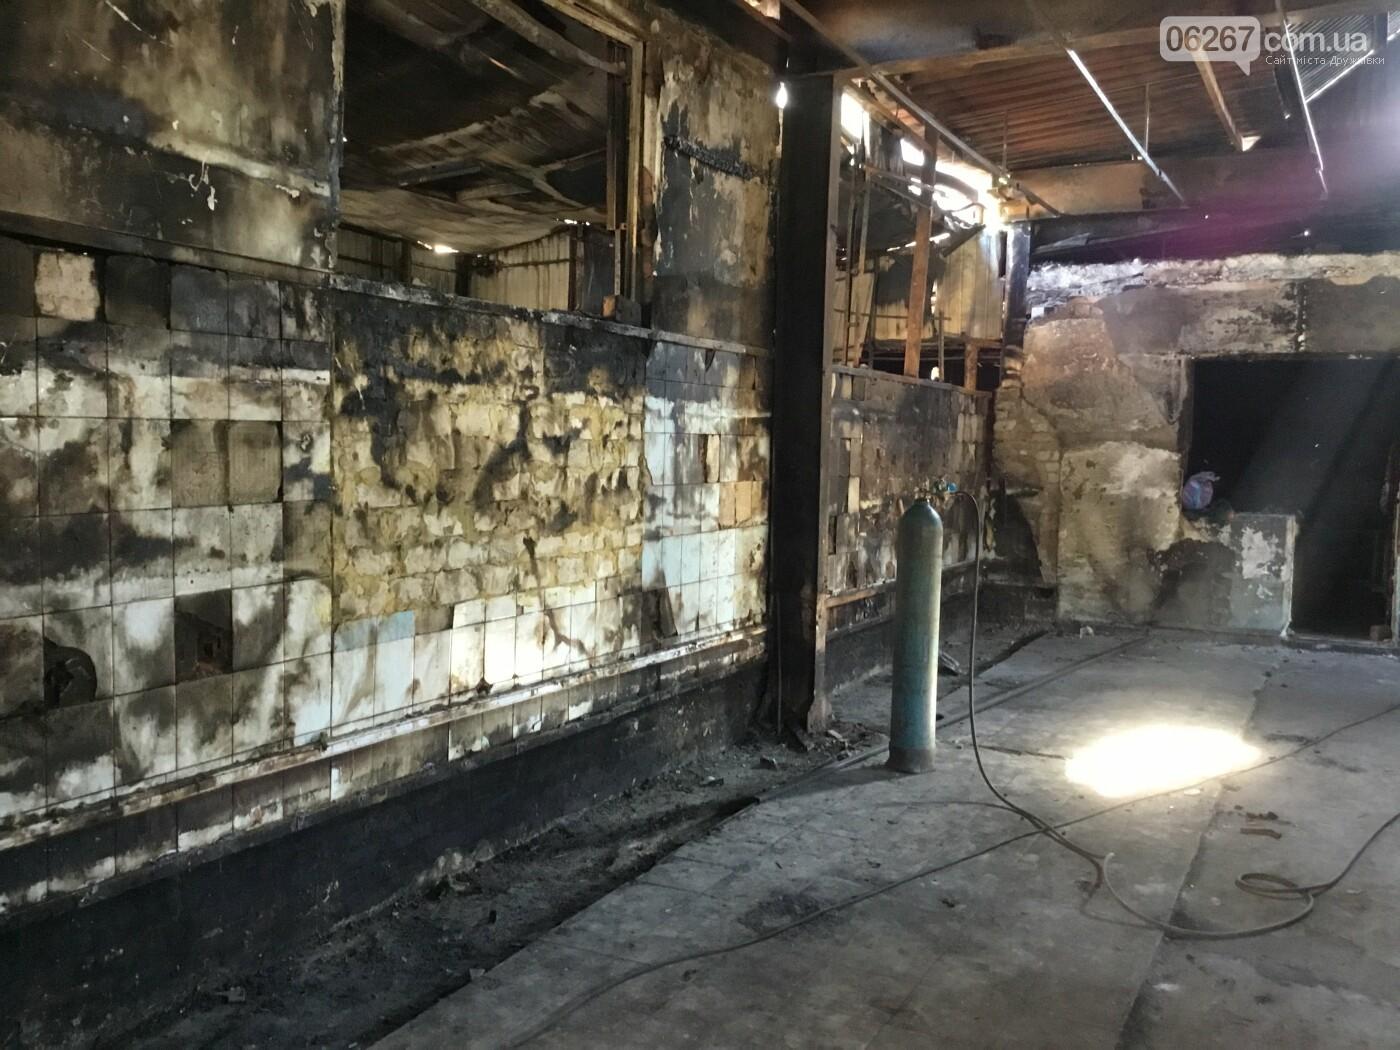 Дружковка: Как выглядит «Магнат» спустя месяц после пожара (ФОТО), фото-3